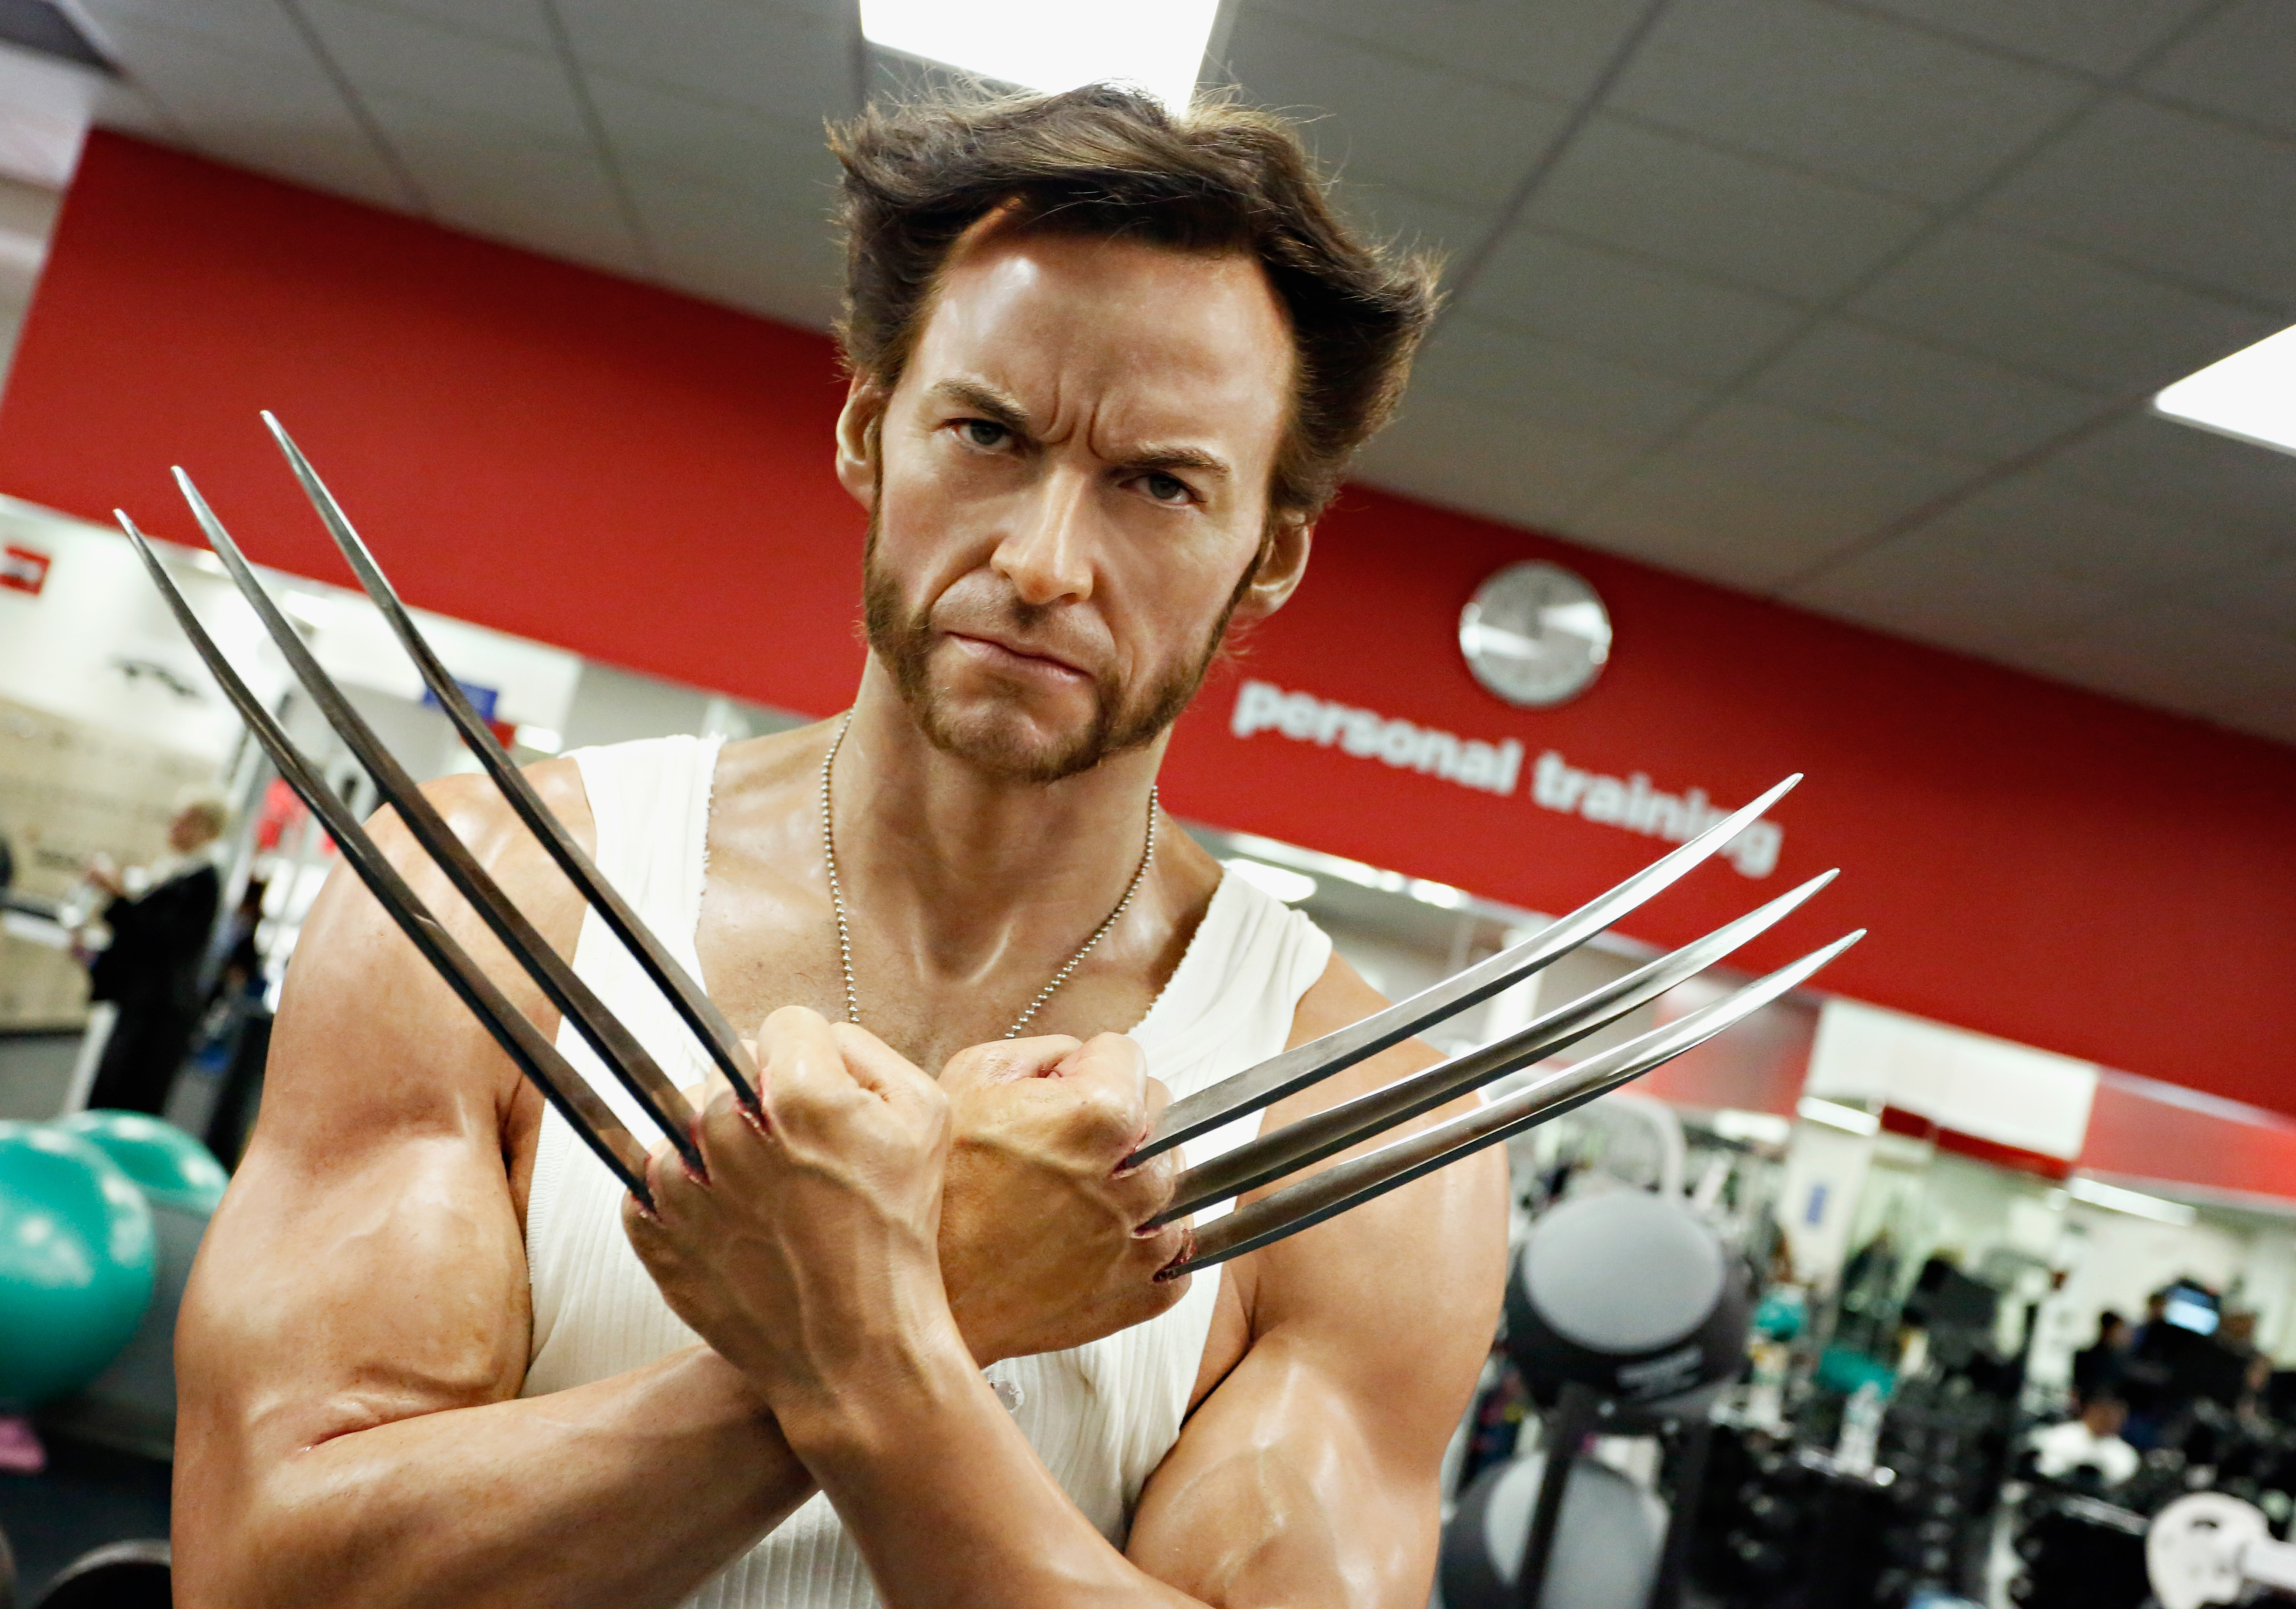 The Wolverine Diet - Vox